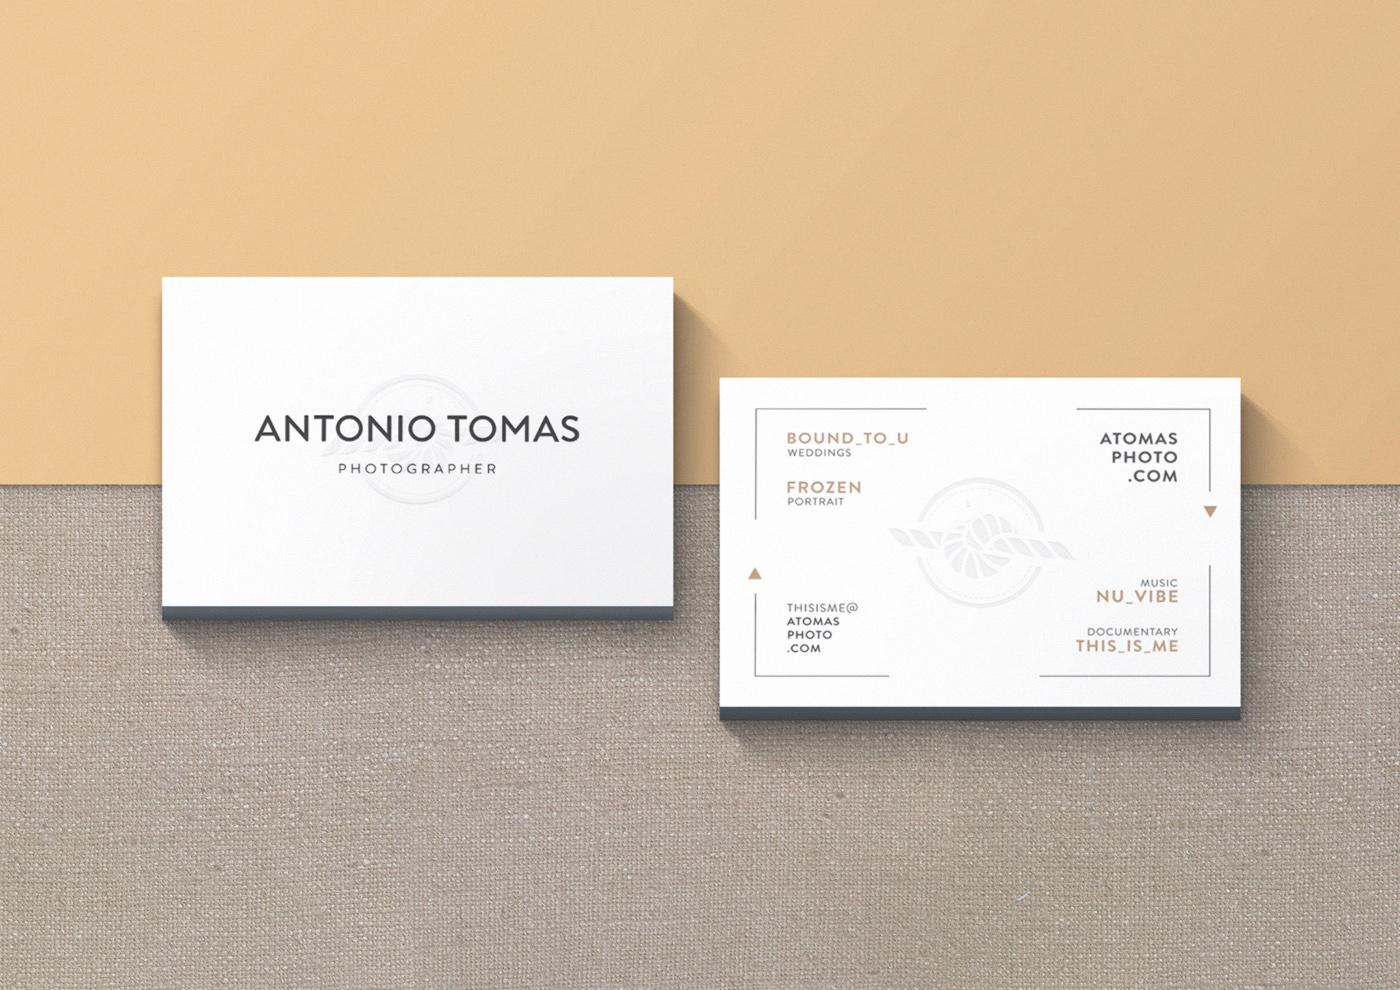 Antonio Tomas tarjeta 2